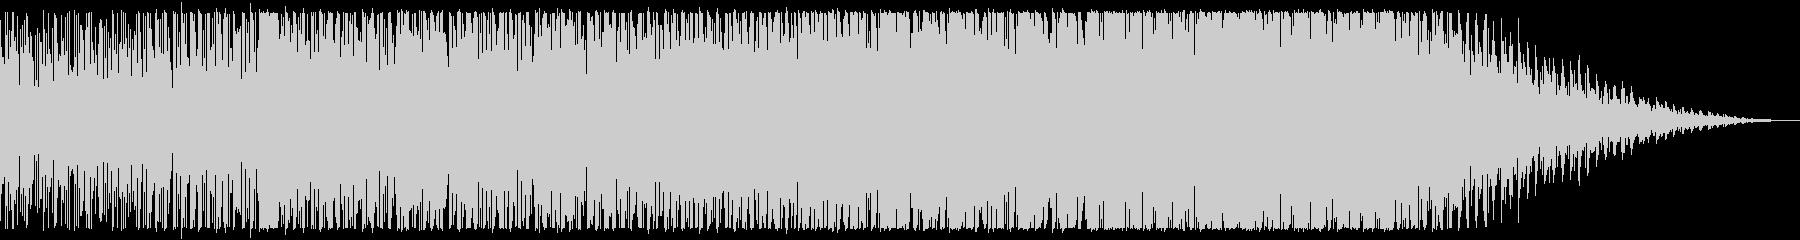 爽やか/ピアノハウス_No440_3の未再生の波形